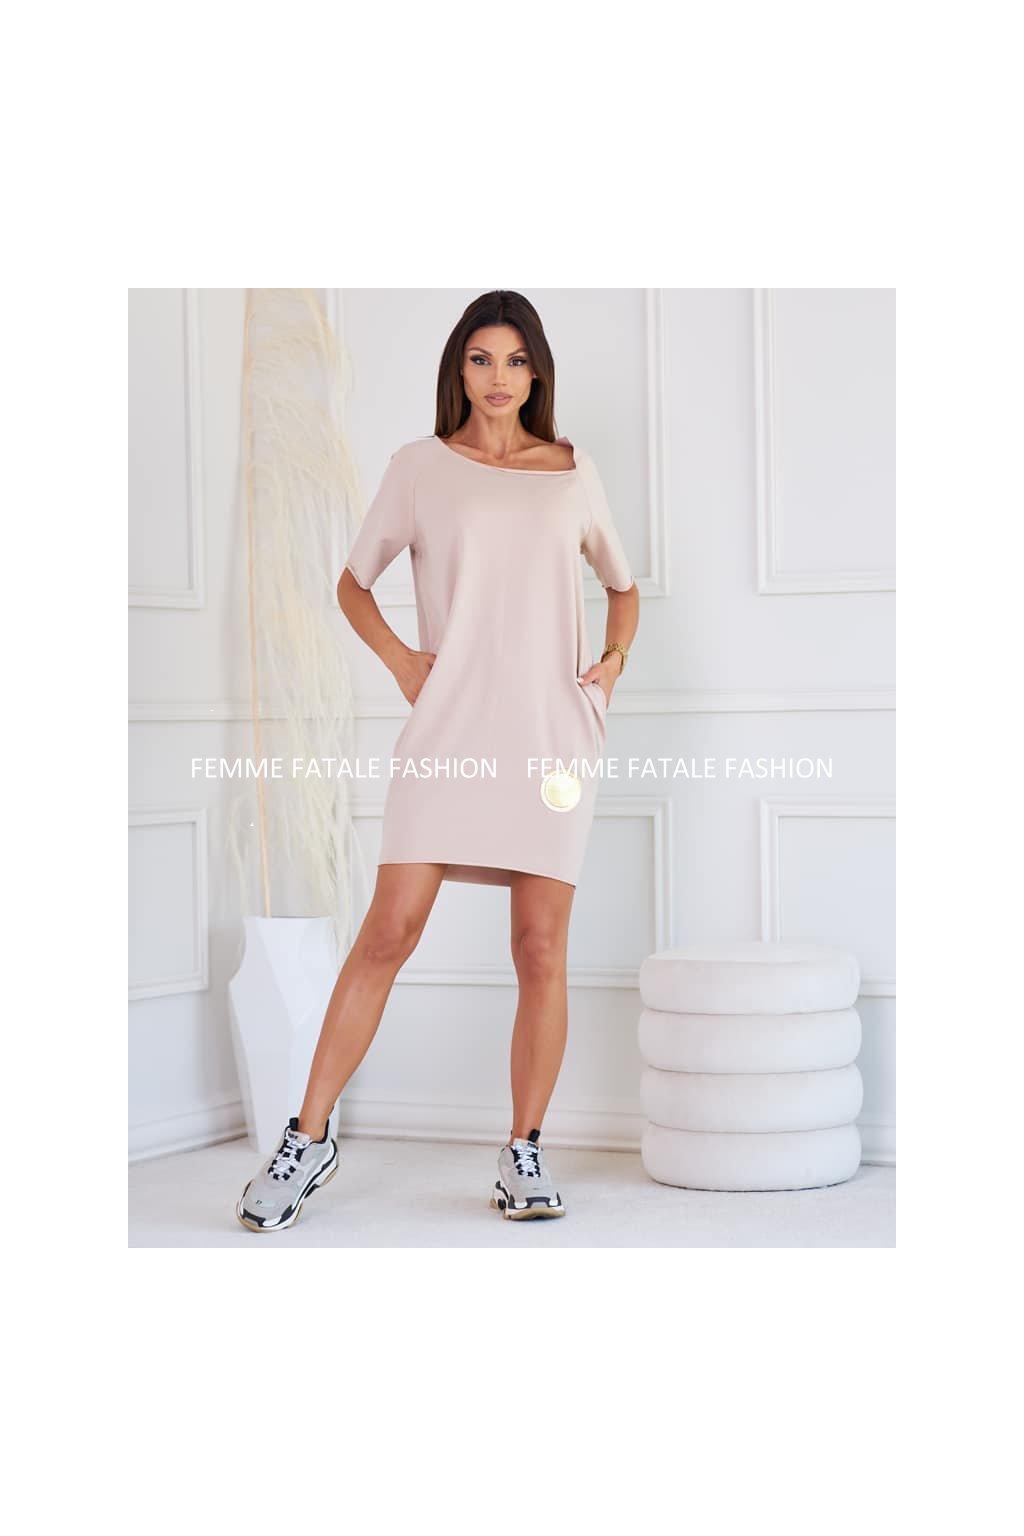 Dámské bavlněné šaty RITA femmefatalefashion (2)